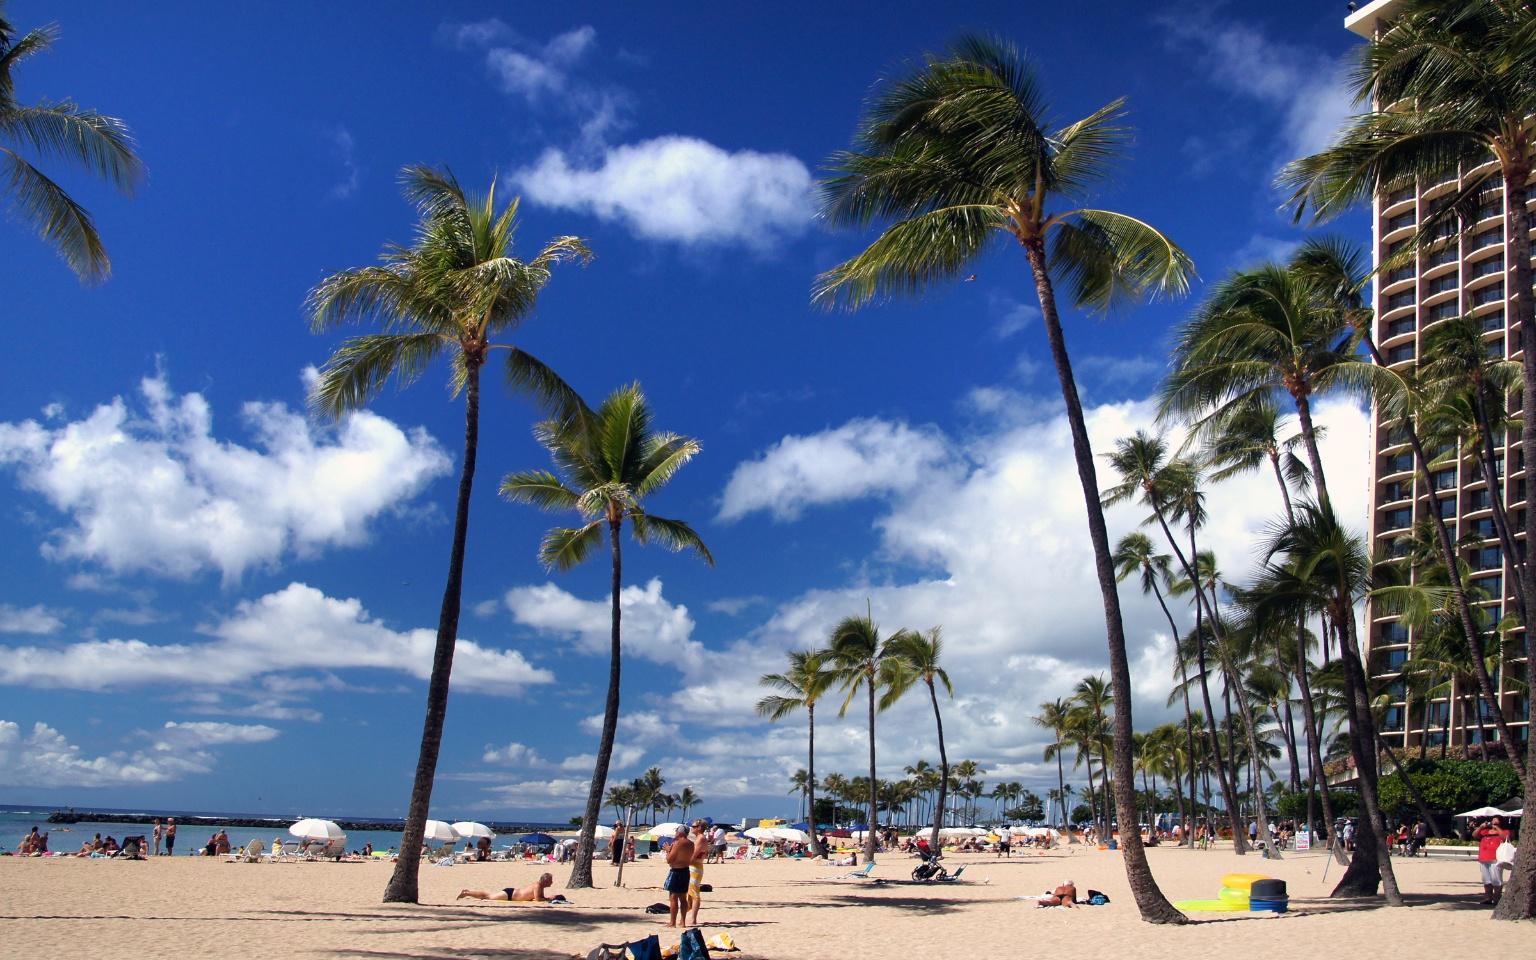 【美國夏威夷】歐胡島環島精華半日遊